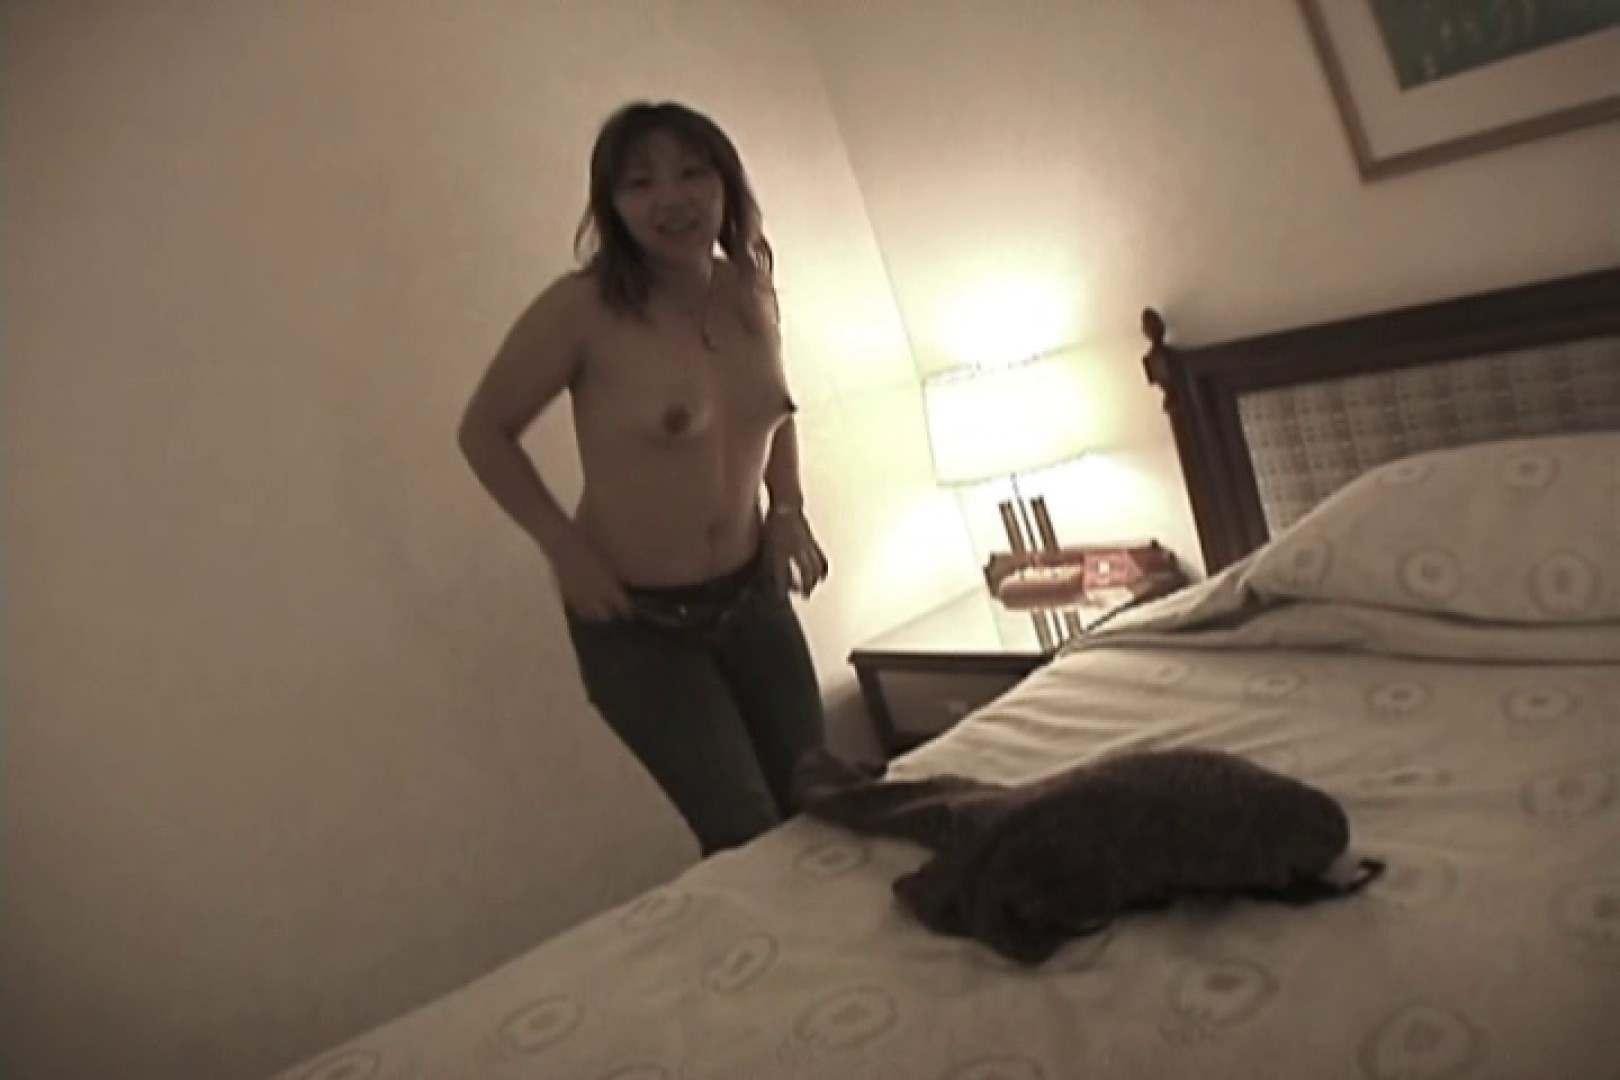 ツンデレ素人嬢もチンポには弱い~増田あけみ~ 熟女  25連発 17